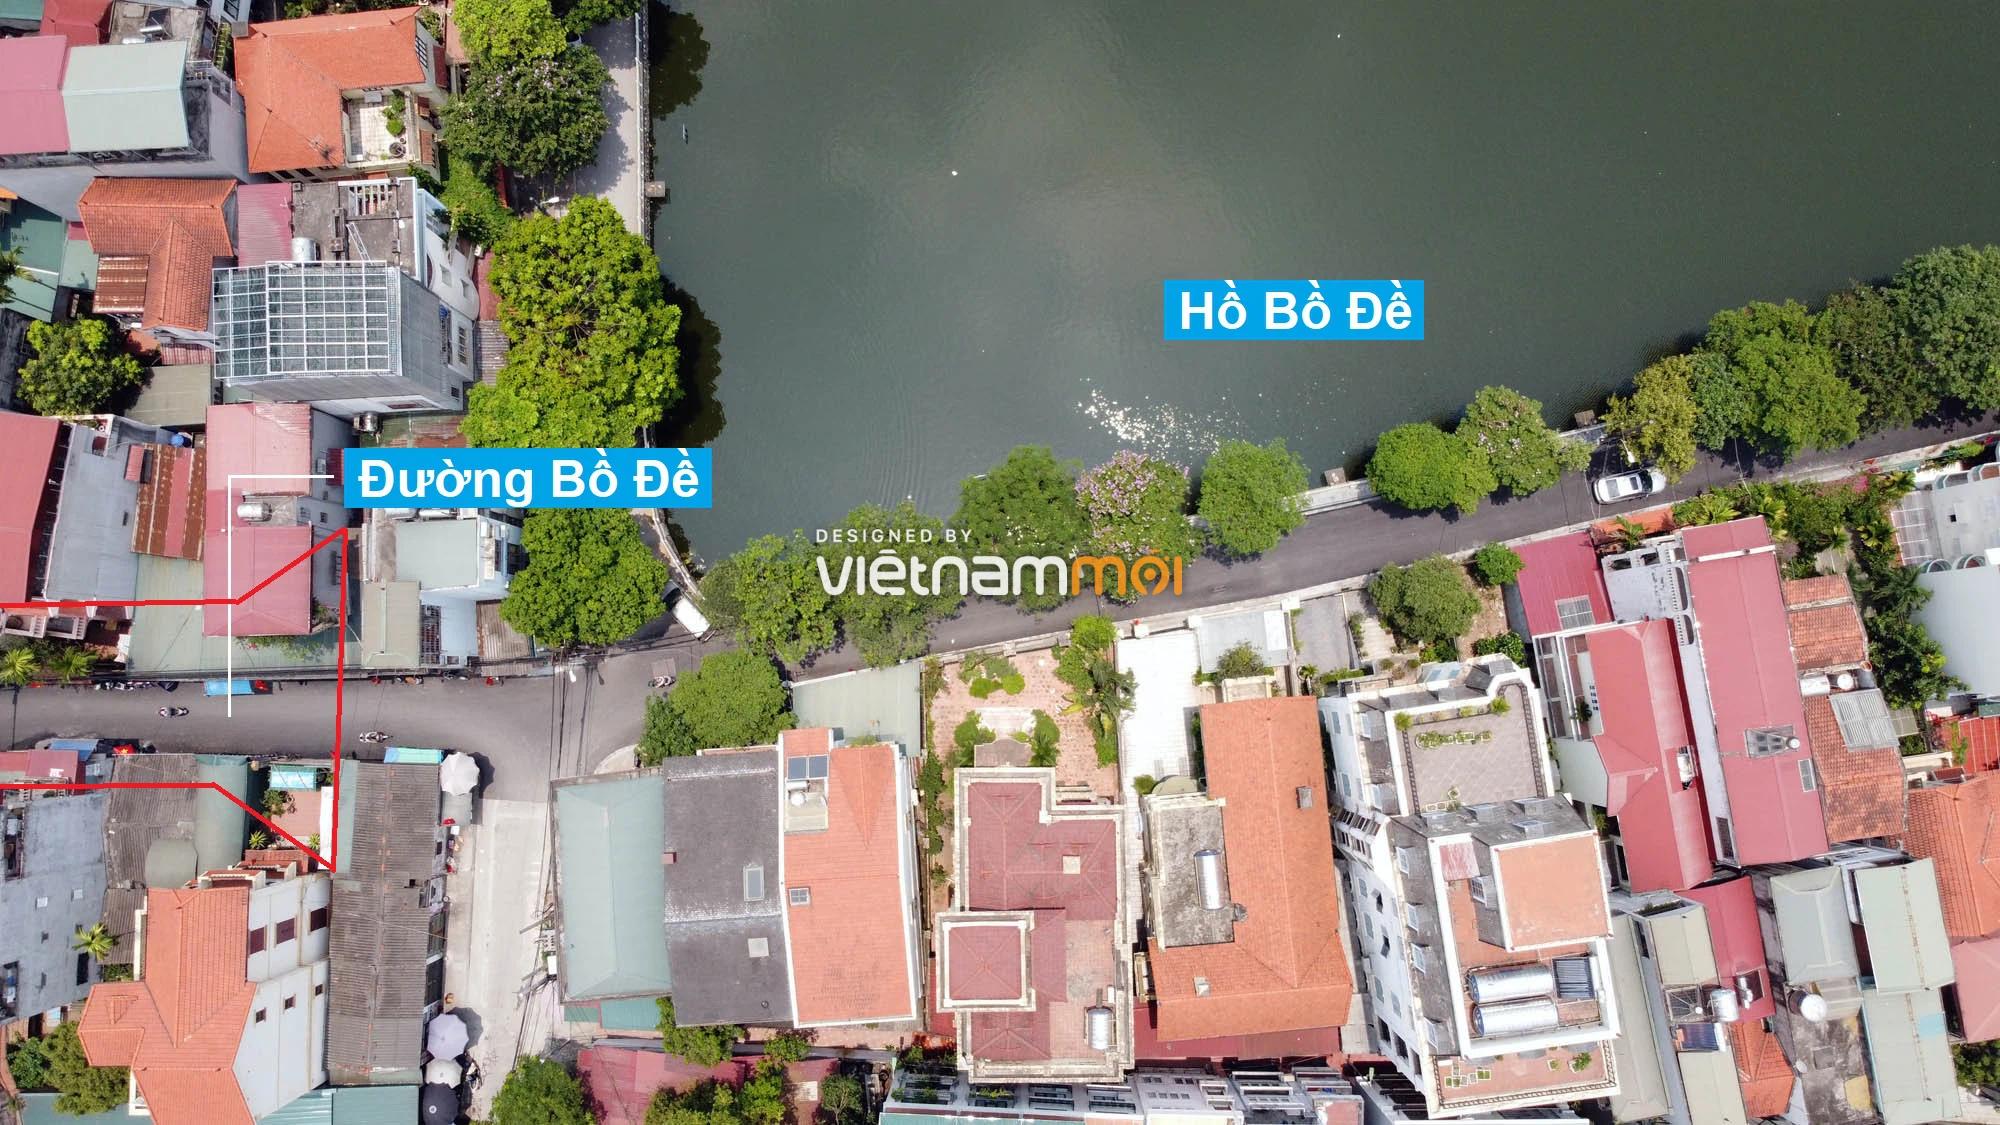 Những khu đất sắp thu hồi để mở đường ở phường Bồ Đề, Long Biên, Hà Nội (phần 2) - Ảnh 14.